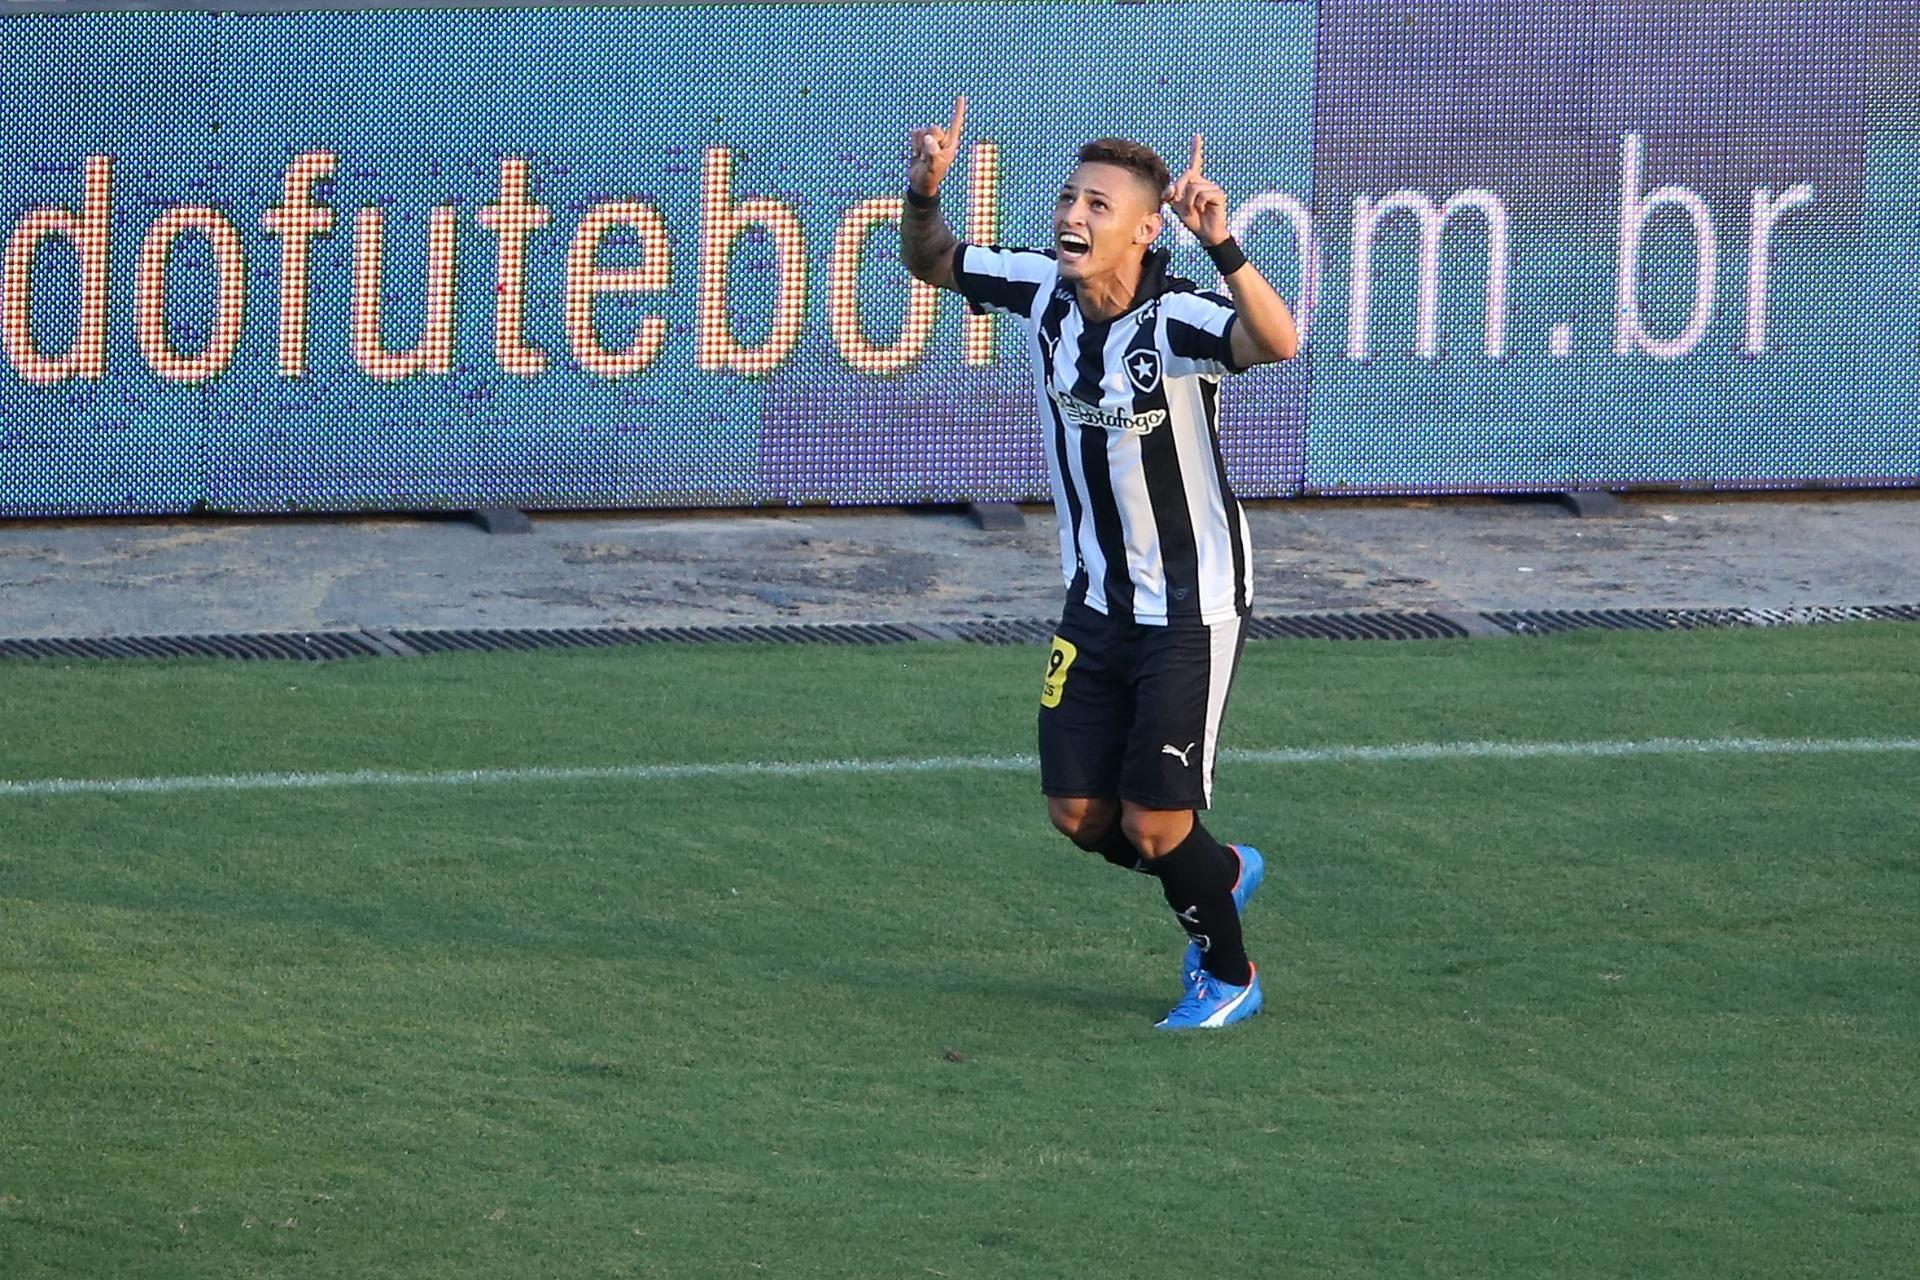 Deivid libera, e Neilton seguirá no Botafogo por mais uma temporada -  10 12 2015 - UOL Esporte 17b958c8cd